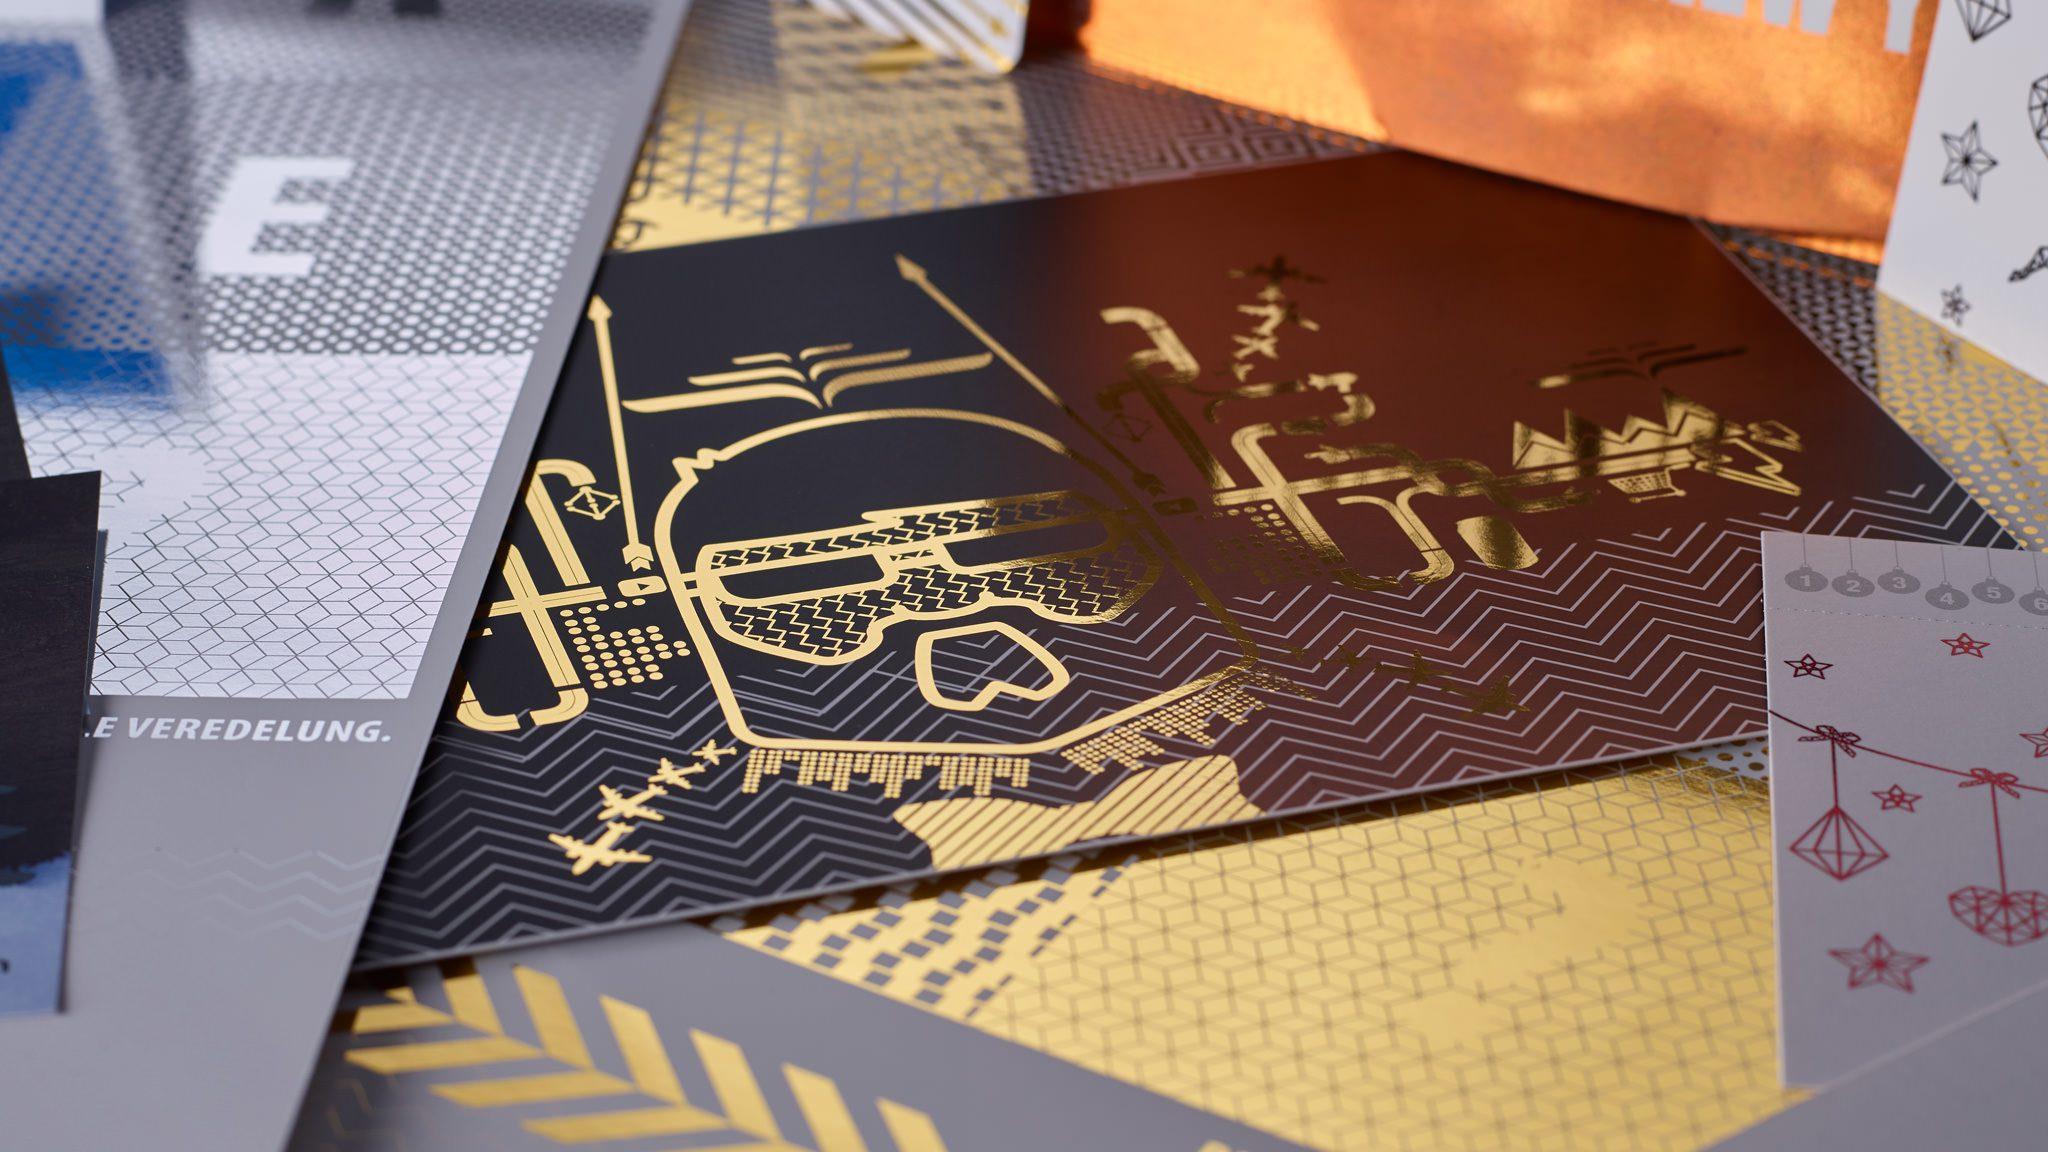 Drucksachen veredeln in der Druckerei von FREY PRINT + MEDIA